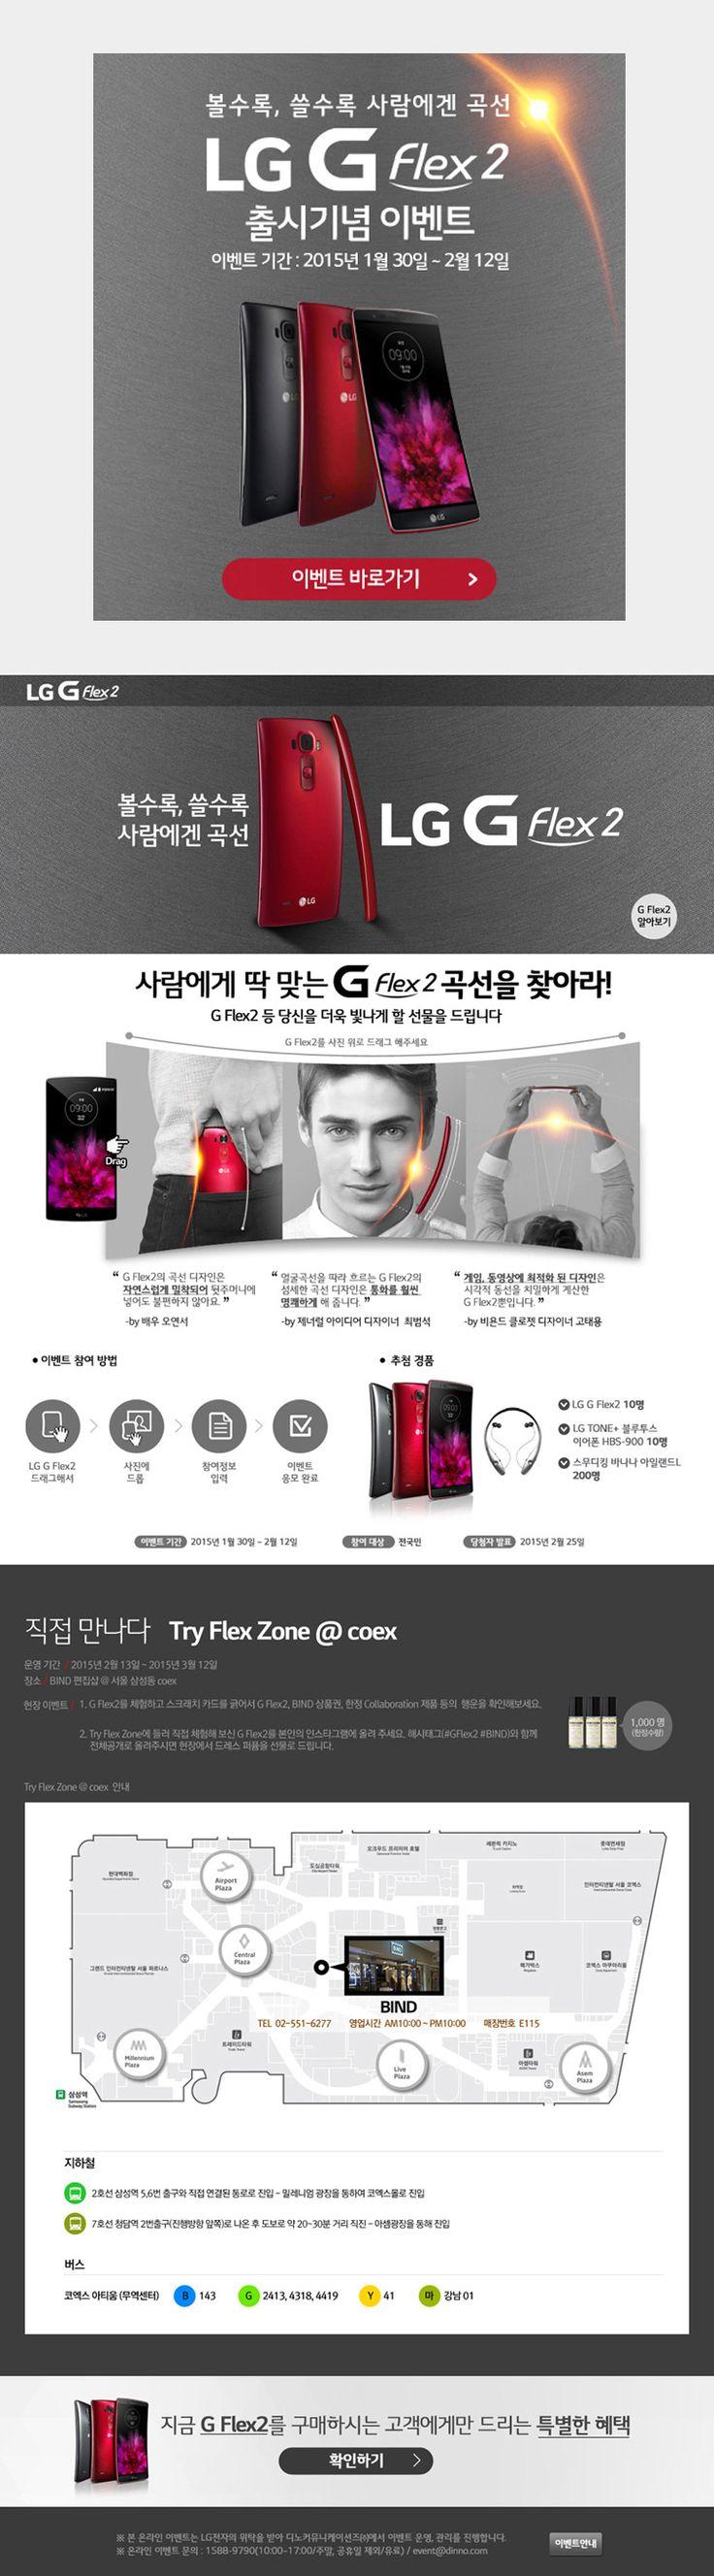 LG GFLEX2 sp